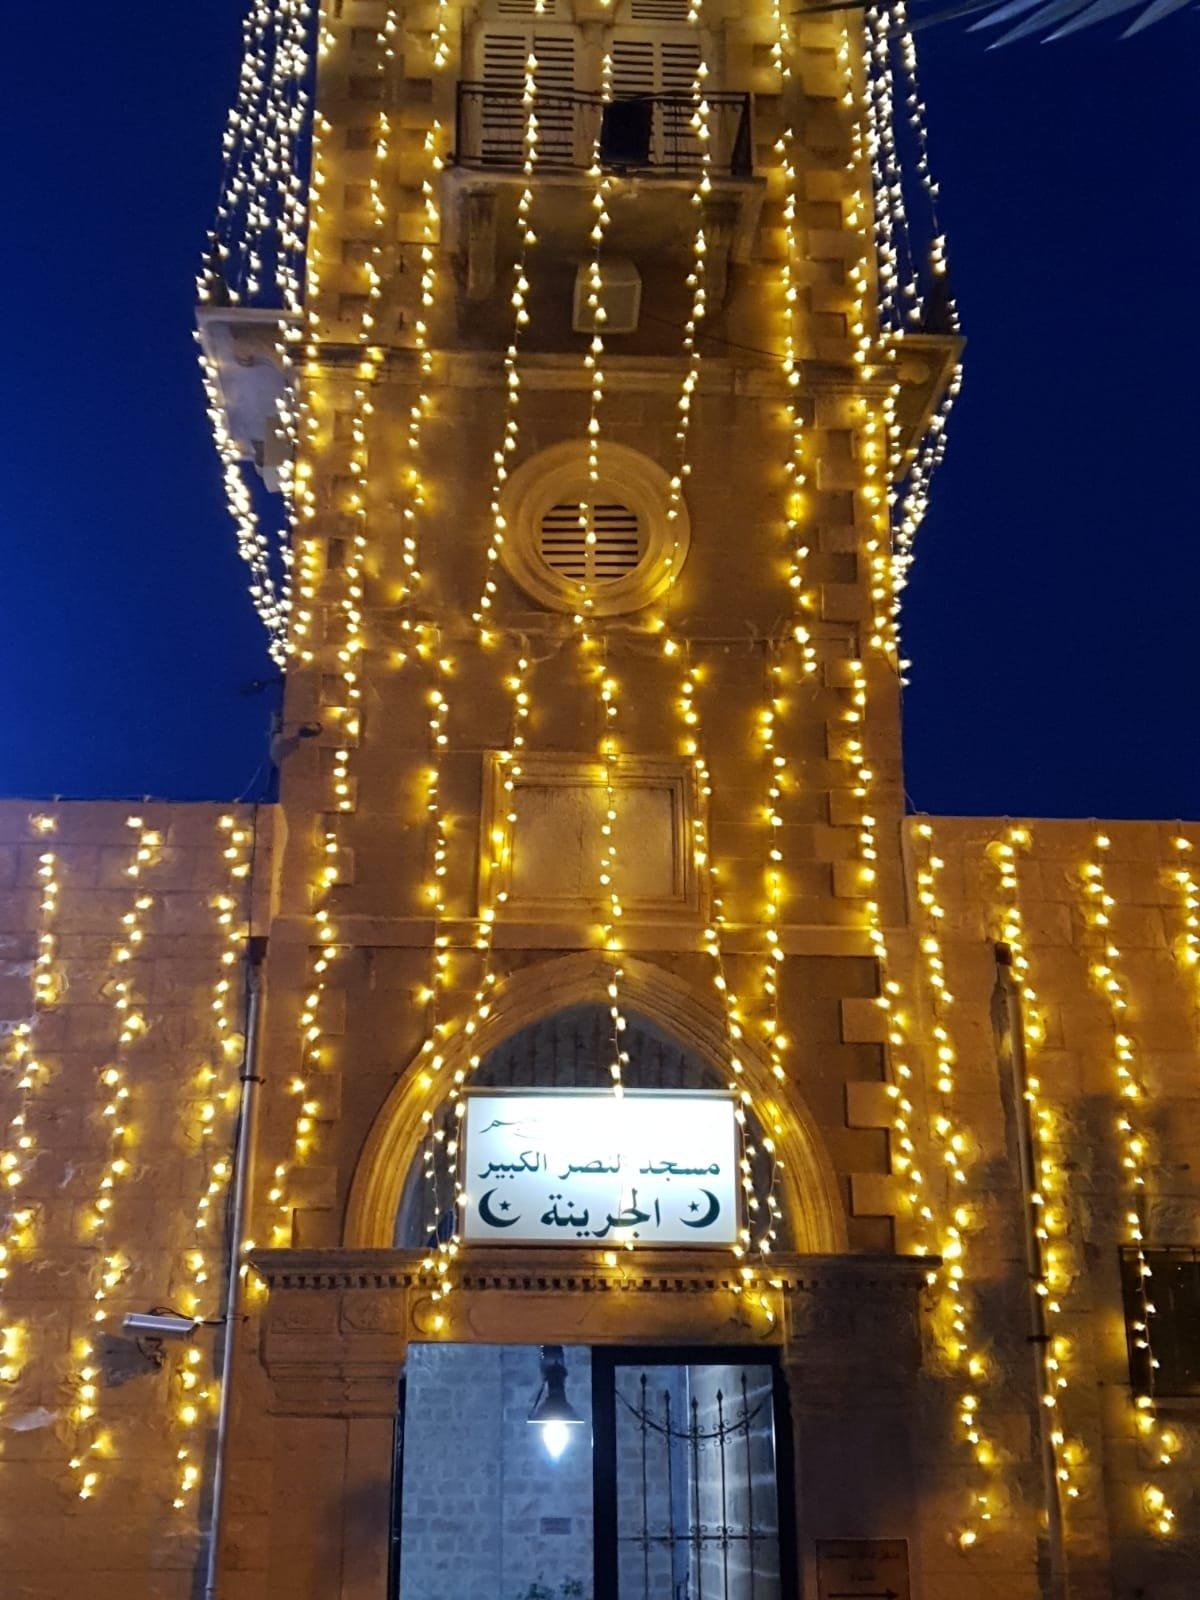 حيفا تتزيّن استعداداً لاستقبال شهر رمضان المبارك